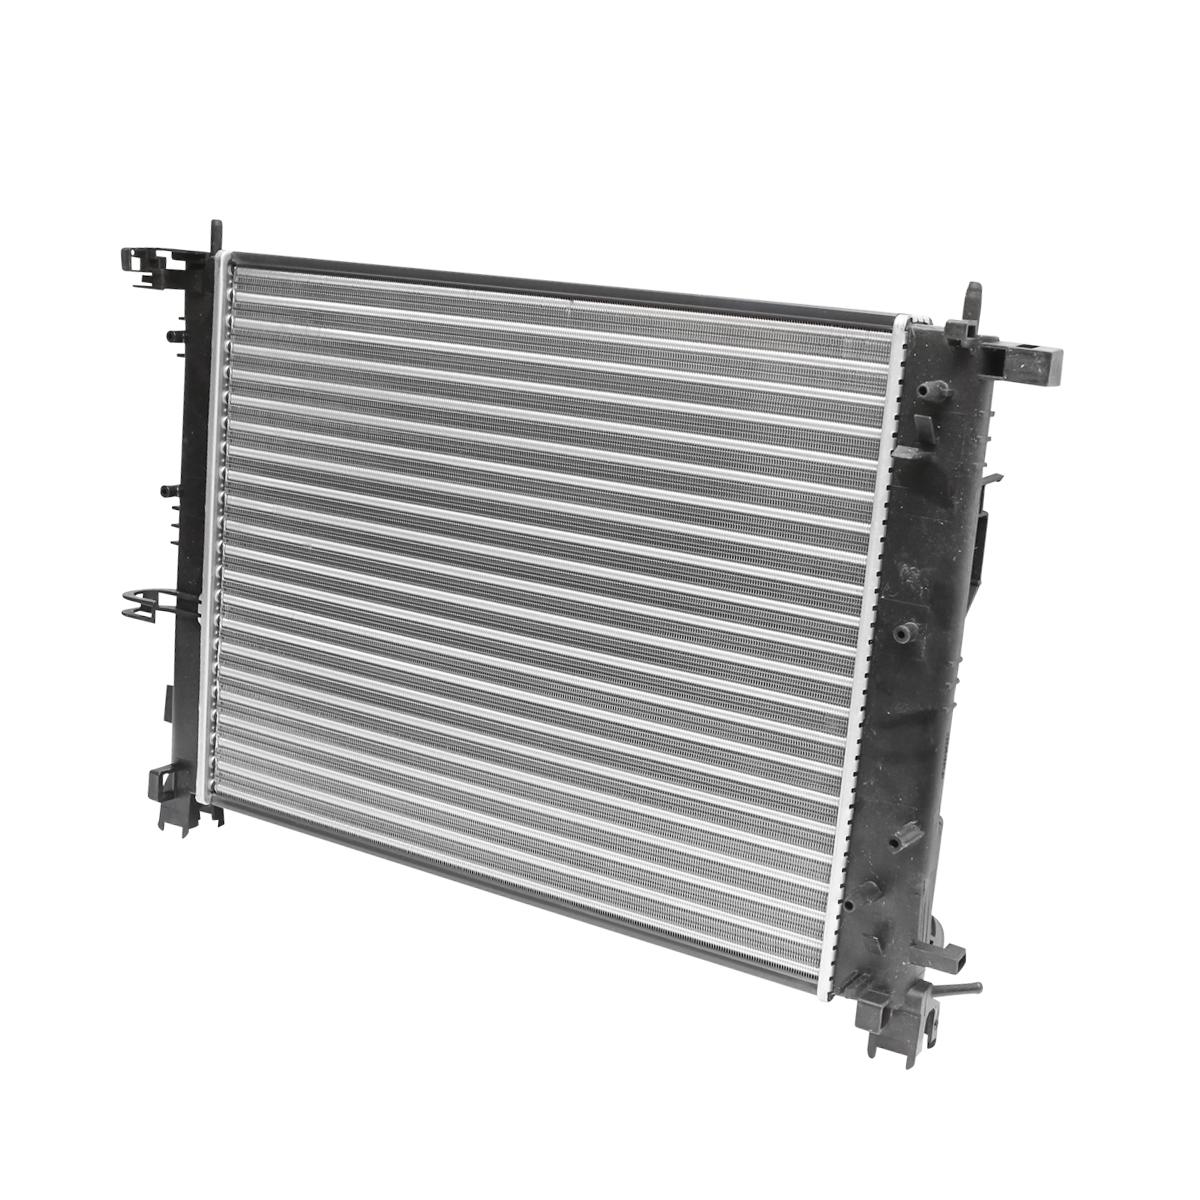 Radiator racire apa subtire Dacia Logan II 1.2 214107326R